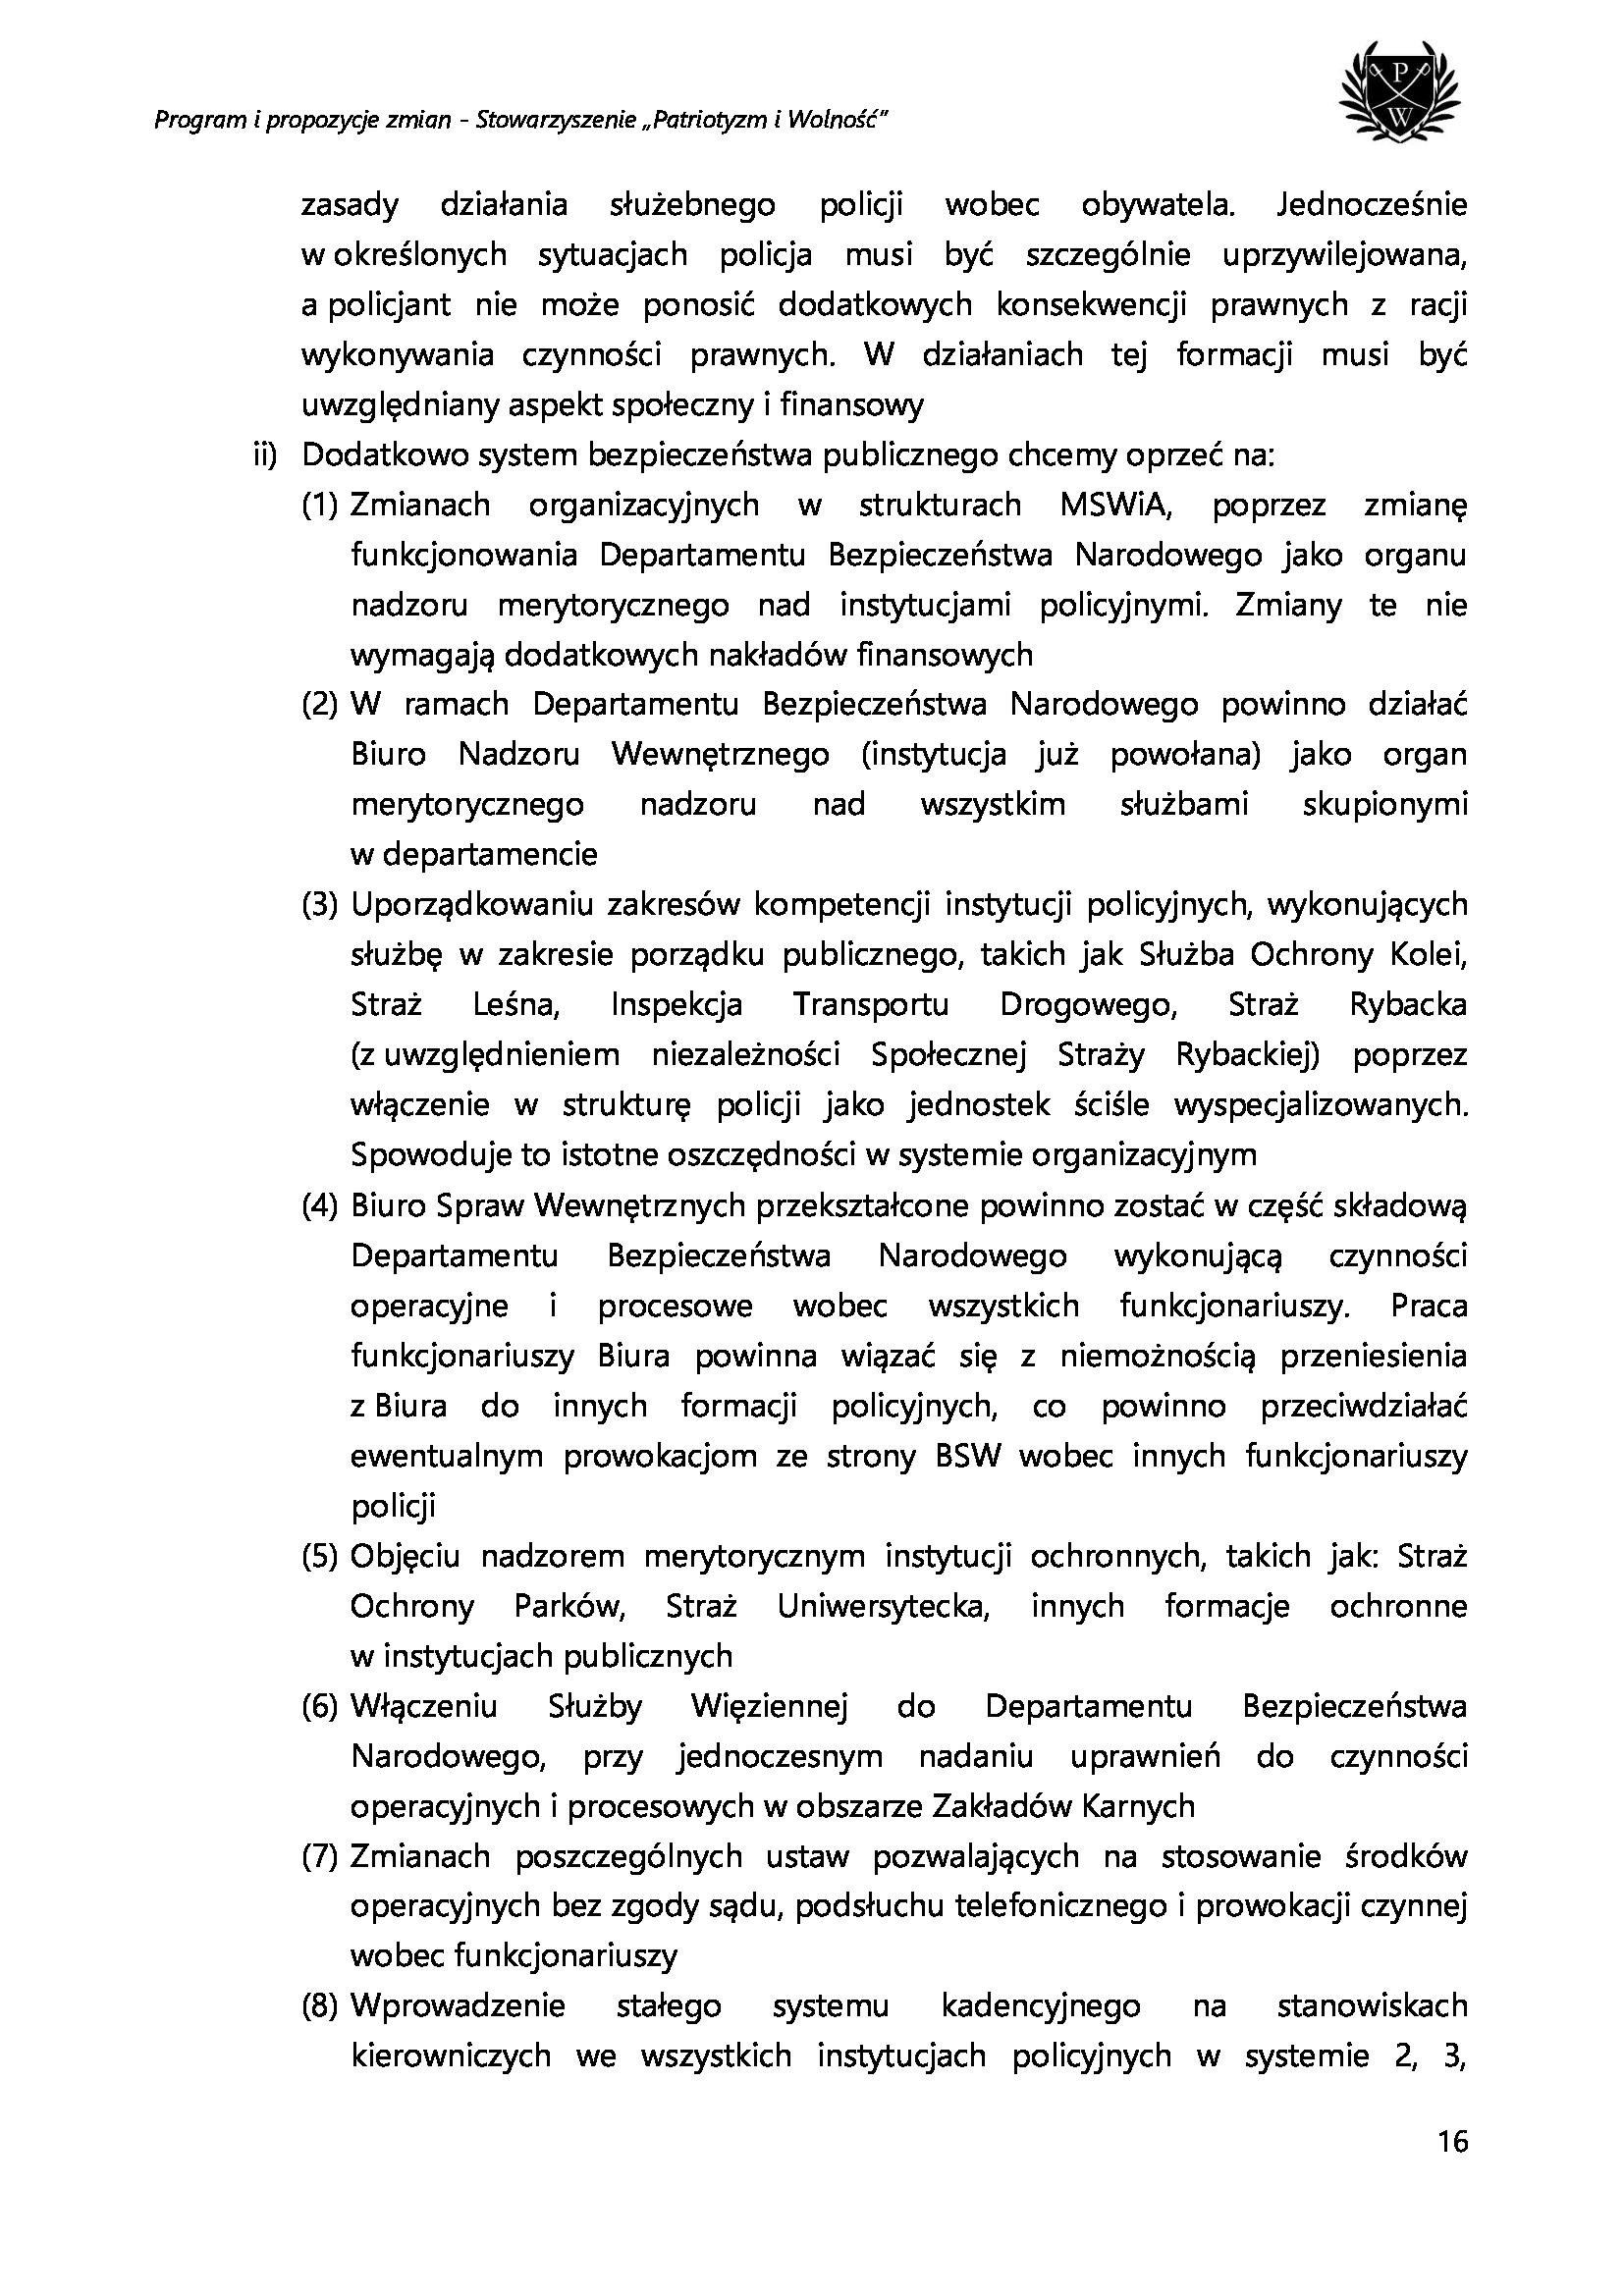 db9e272ef5a9a2e66d26f1905be6c507-16